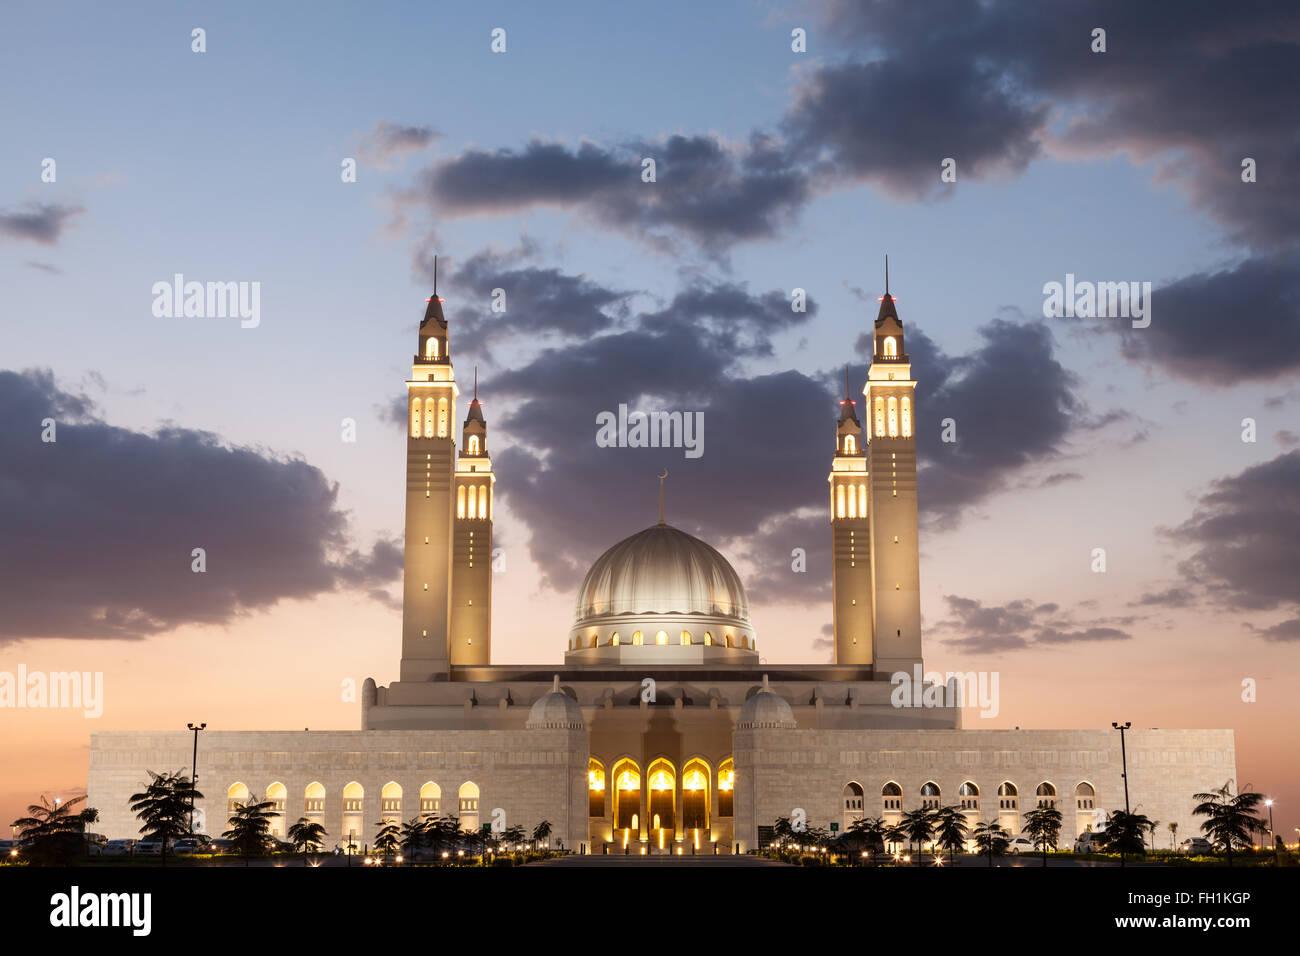 Grande moschea in Nizwa illuminata di notte. Il sultanato di Oman, Medio Oriente Immagini Stock